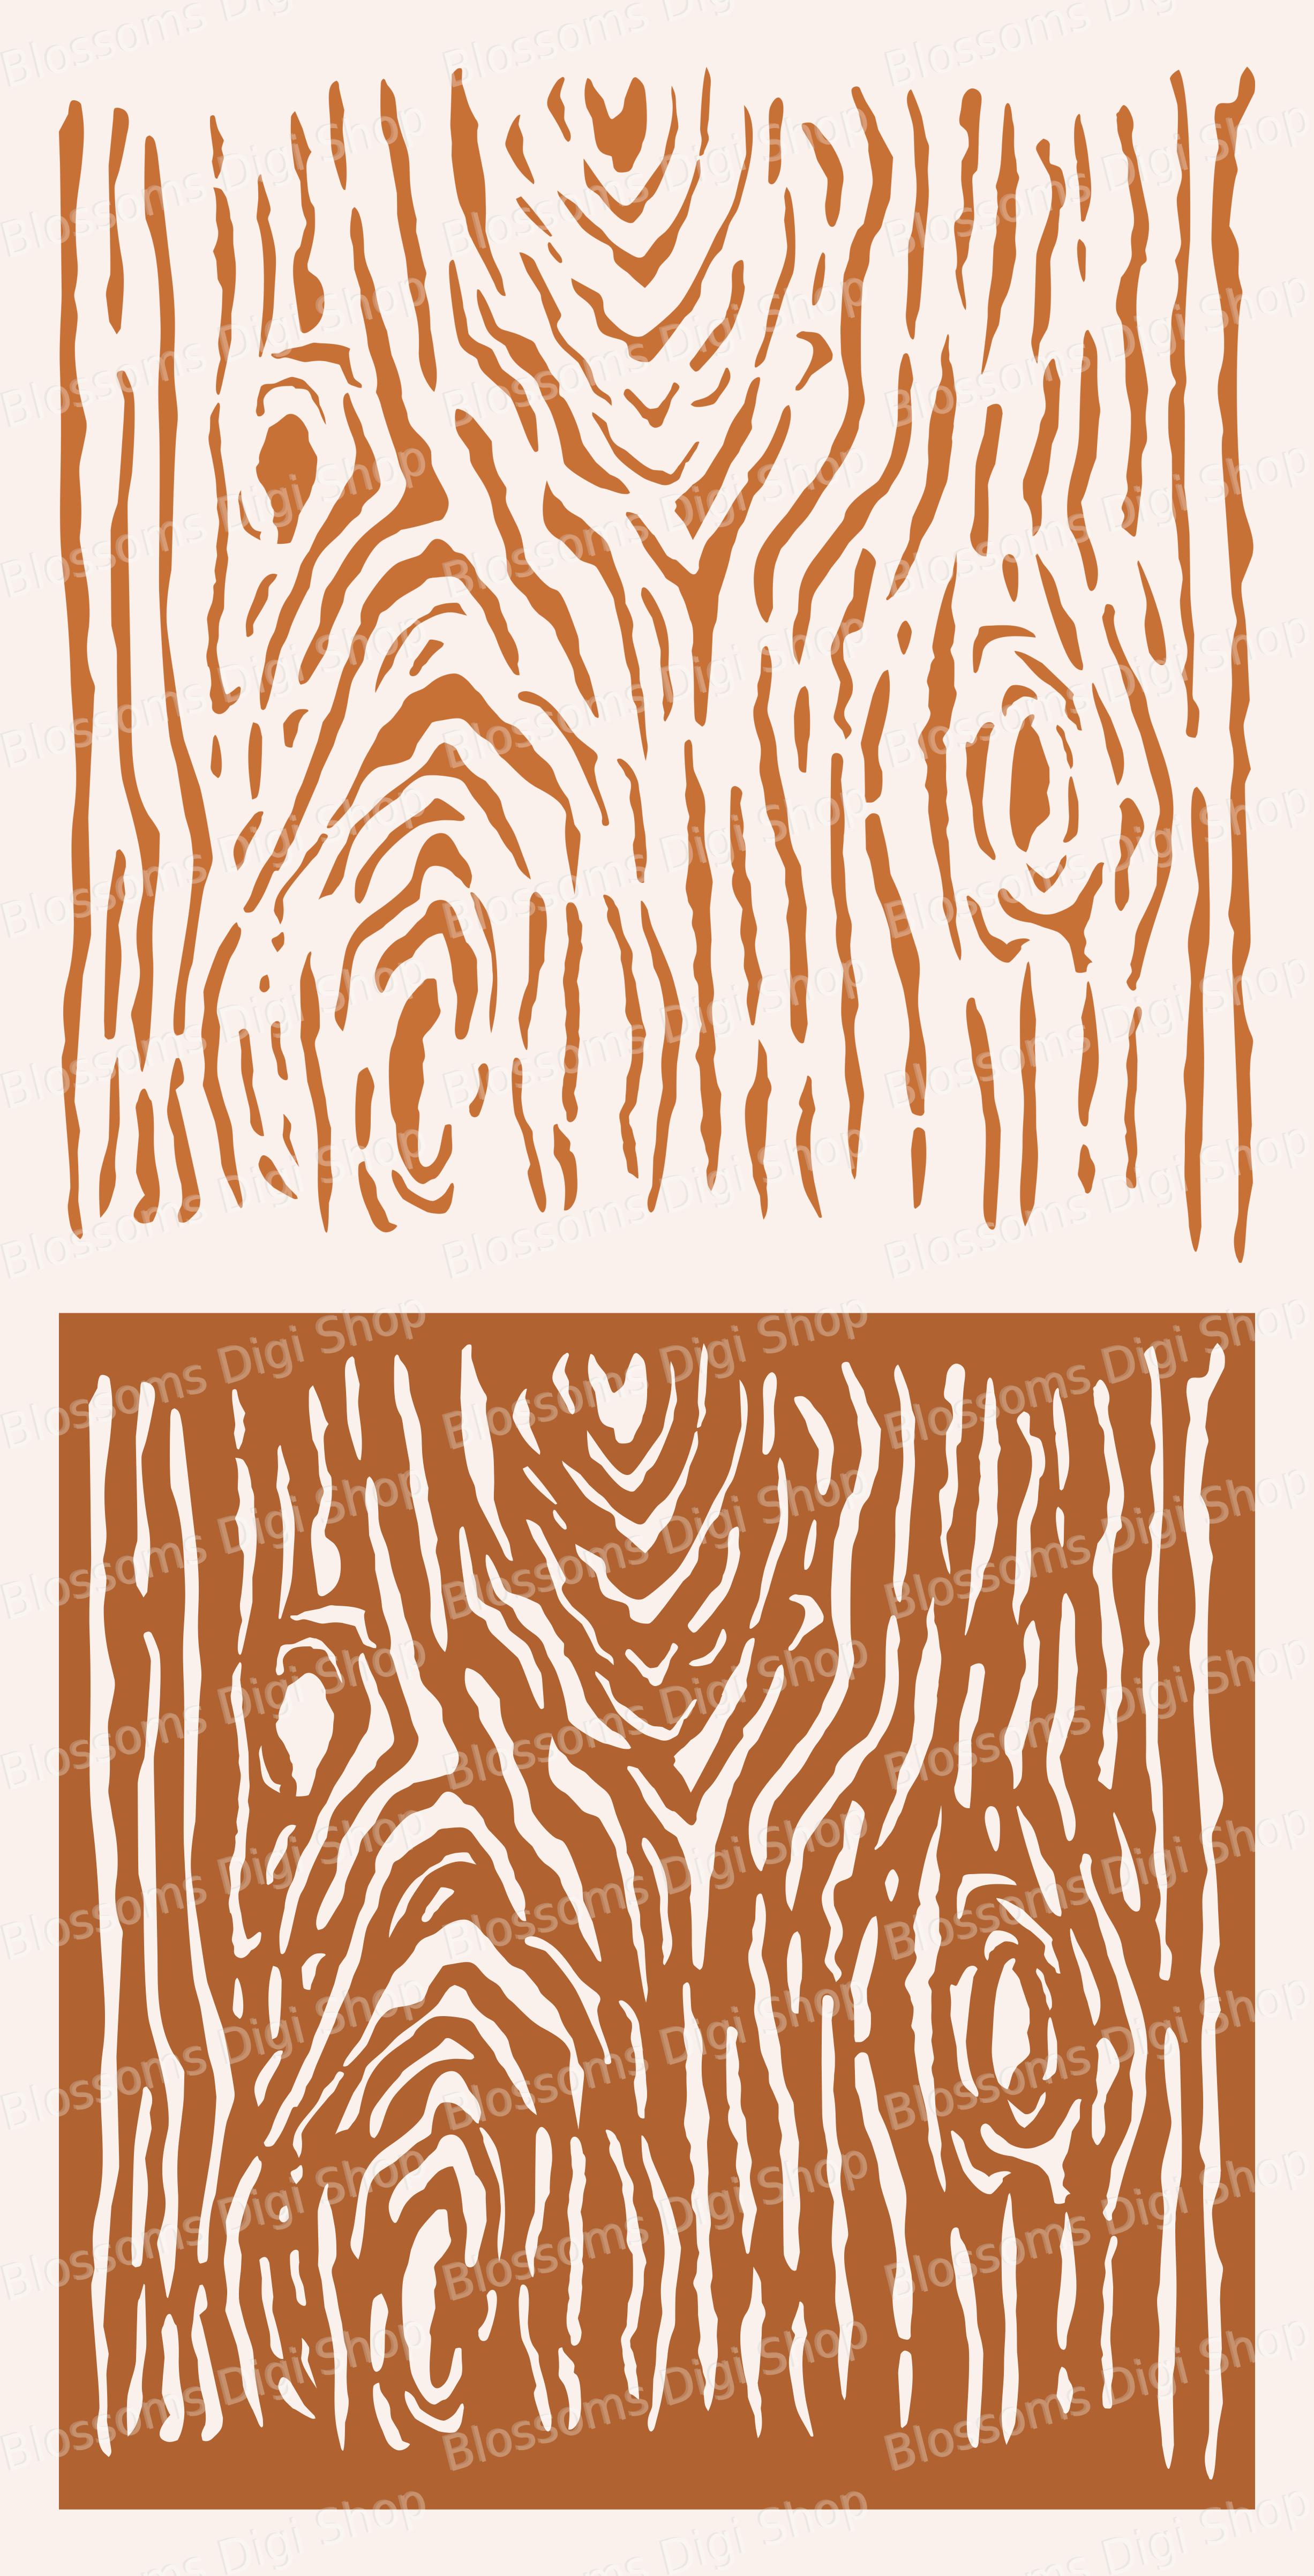 wood patterns stencil patterns tree stencil stencils tree templates tree bark [ 2453 x 4808 Pixel ]